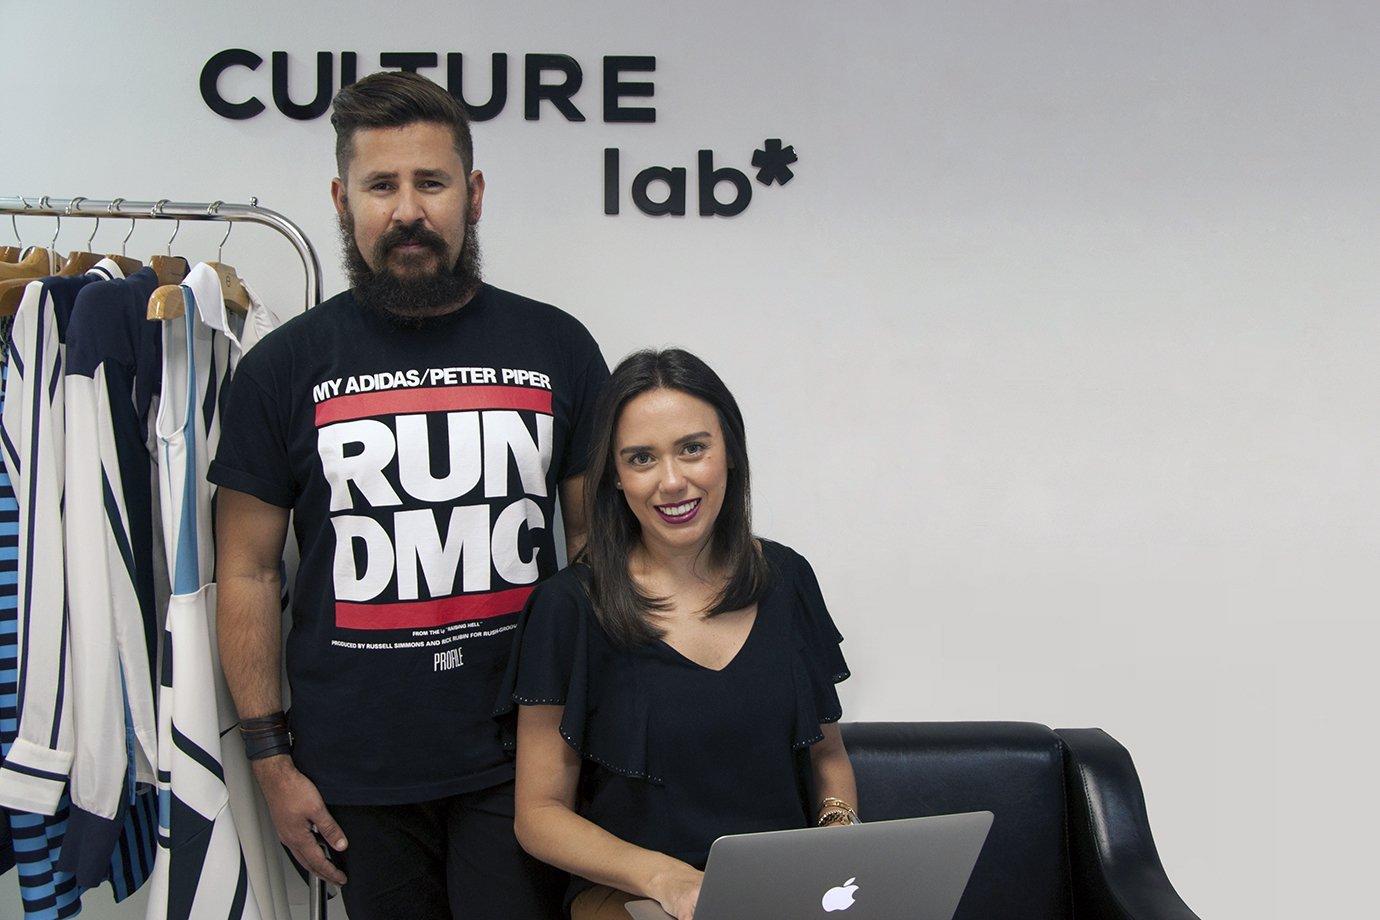 Márcia Graf e Paulo Henrique de Moura, da CULTURE Lab*